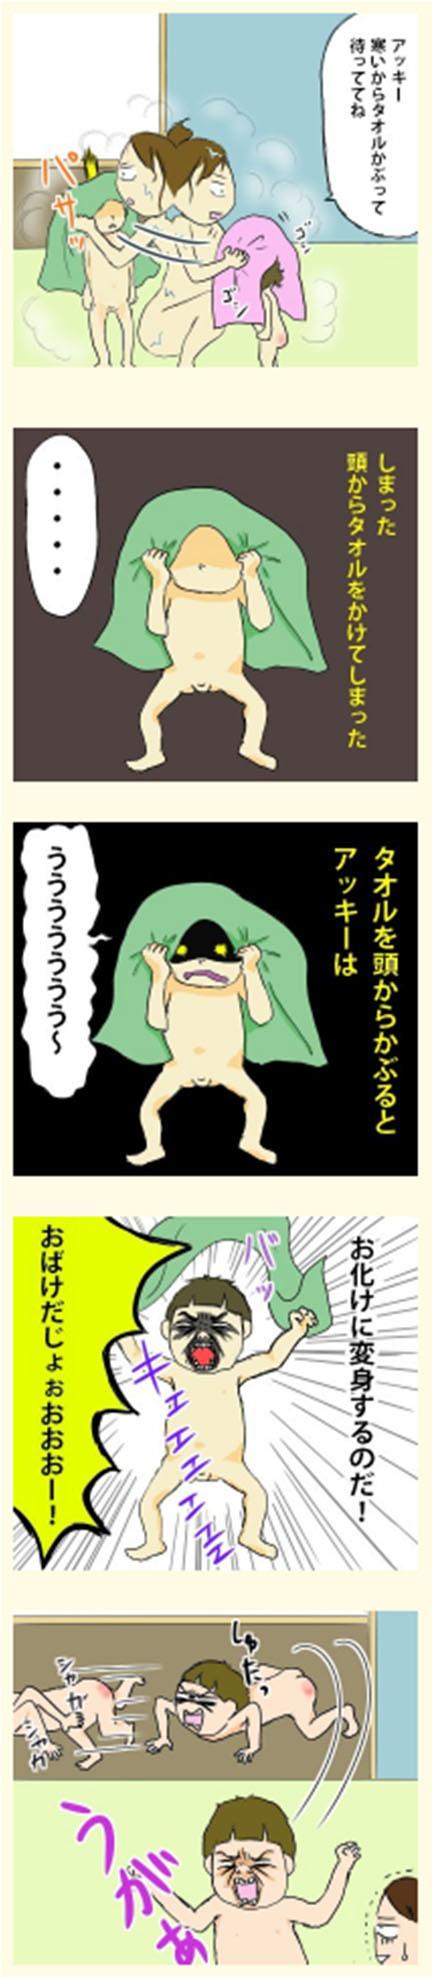 お風呂あがりは○○に変身!?思わず笑っちゃう♡3歳男子のおもしろ発言まとめの画像4